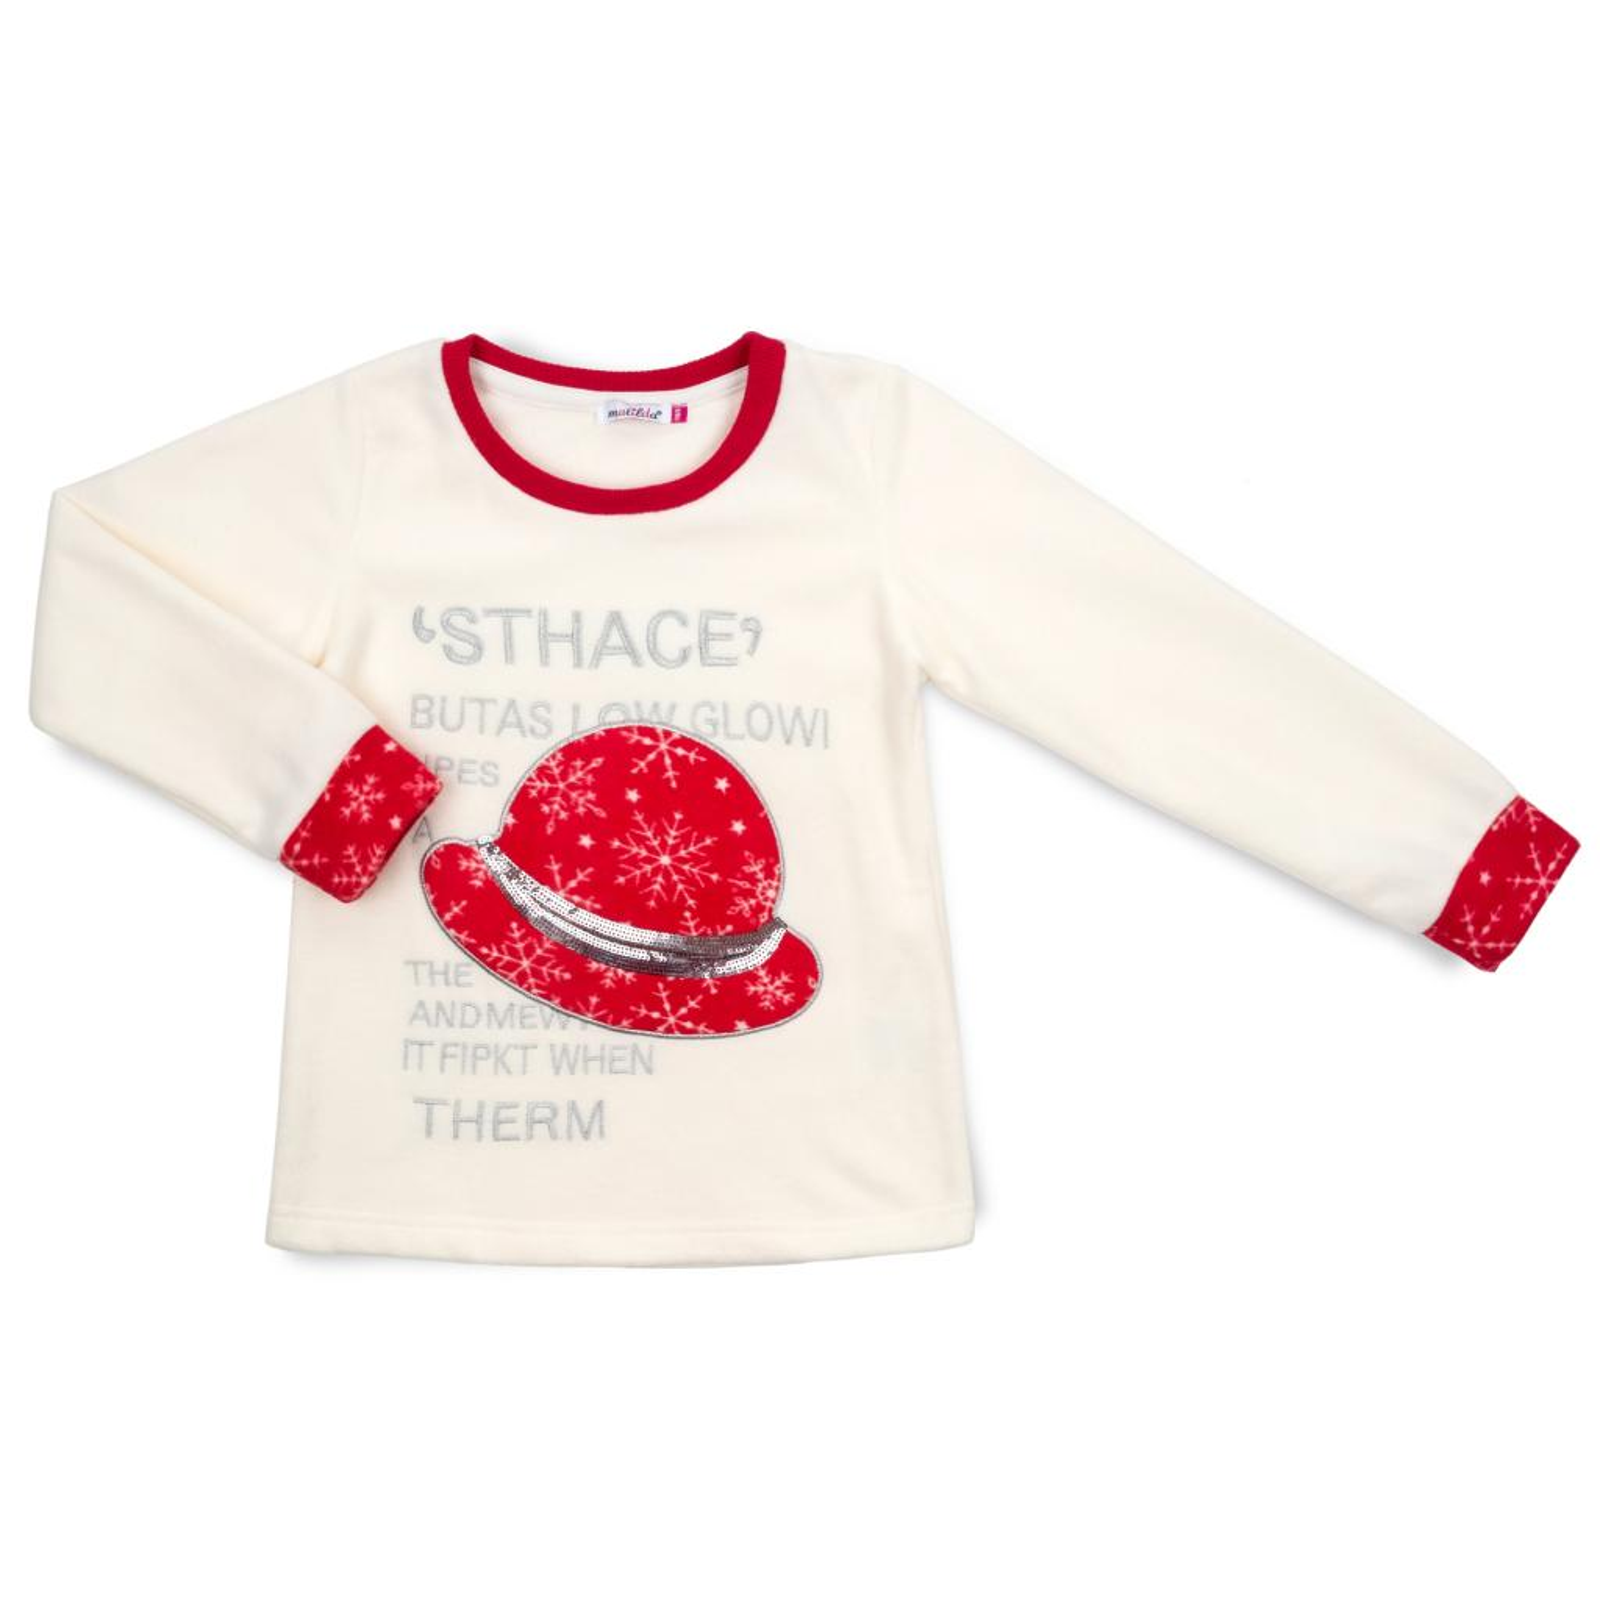 Пижама Matilda флисовая со шляпкой (9110-3-134G-red) изображение 2